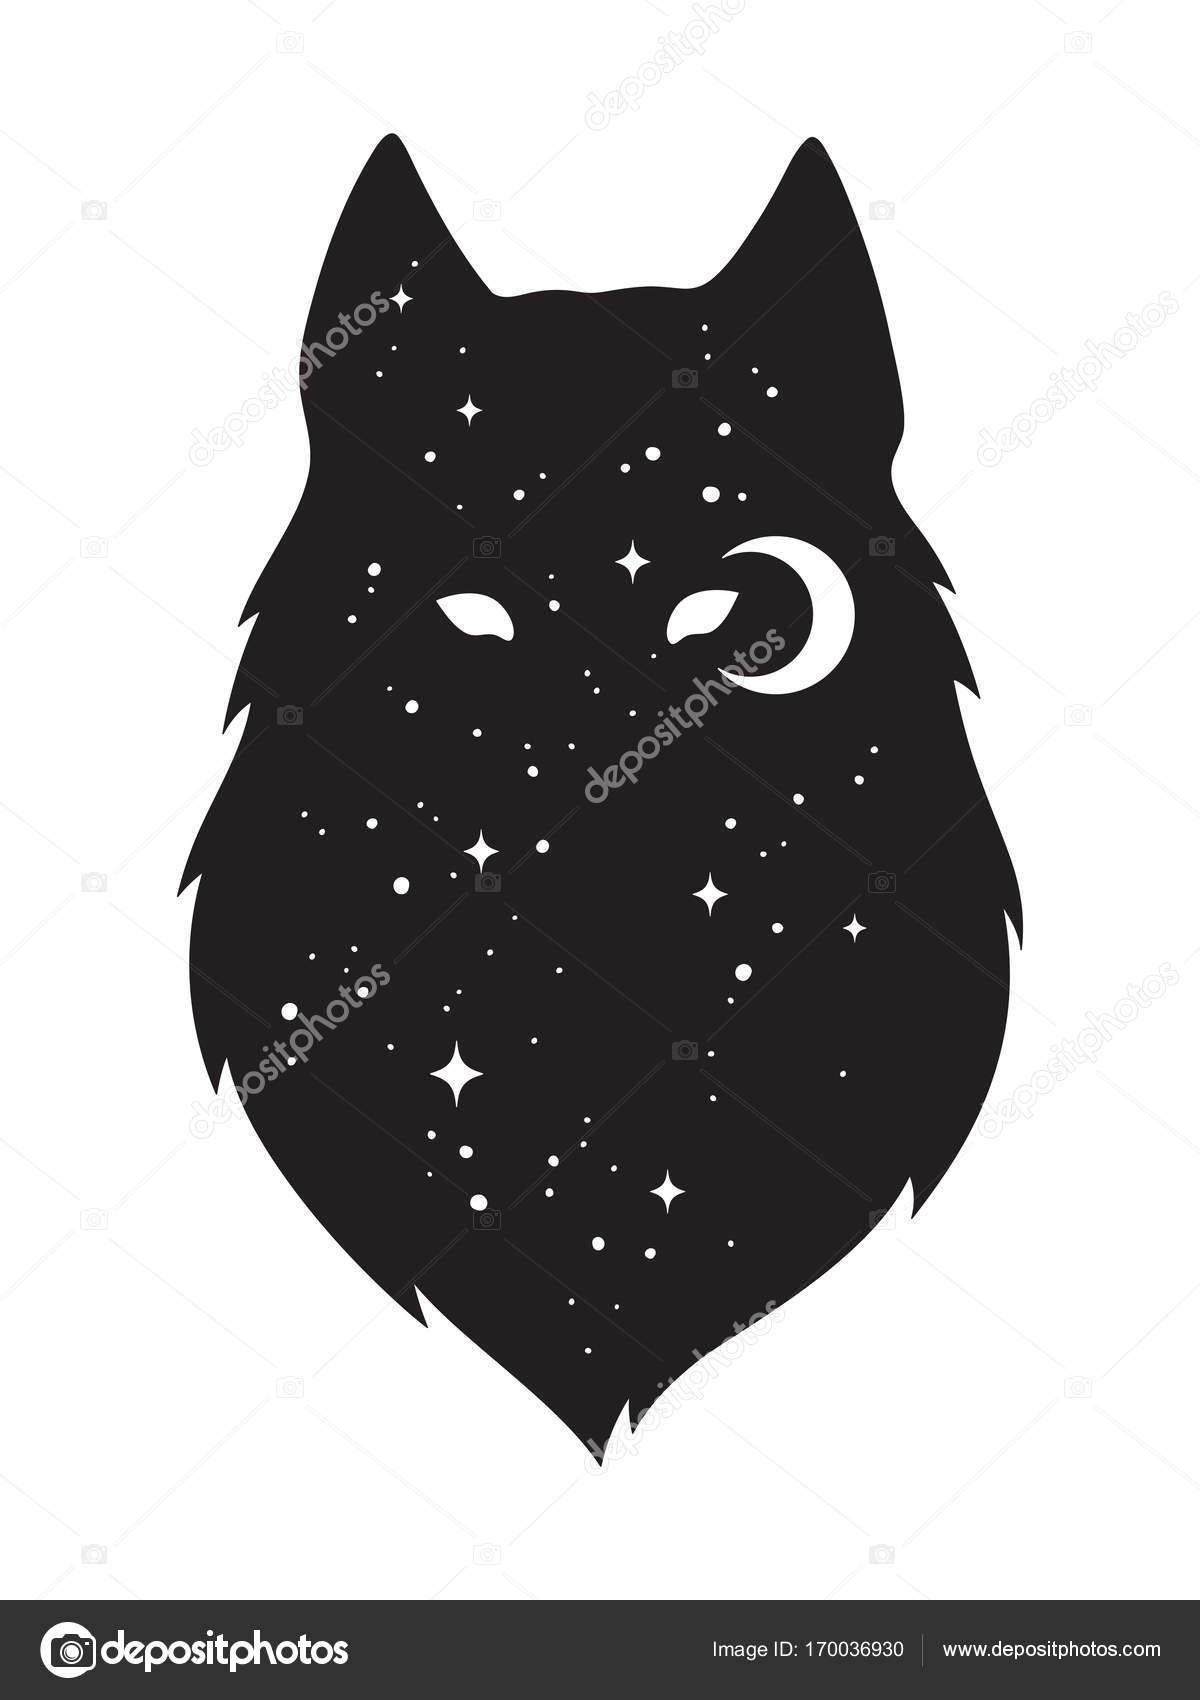 Lobo Dibujo Silueta Silueta De Lobo Con La Luna Y Las Estrellas